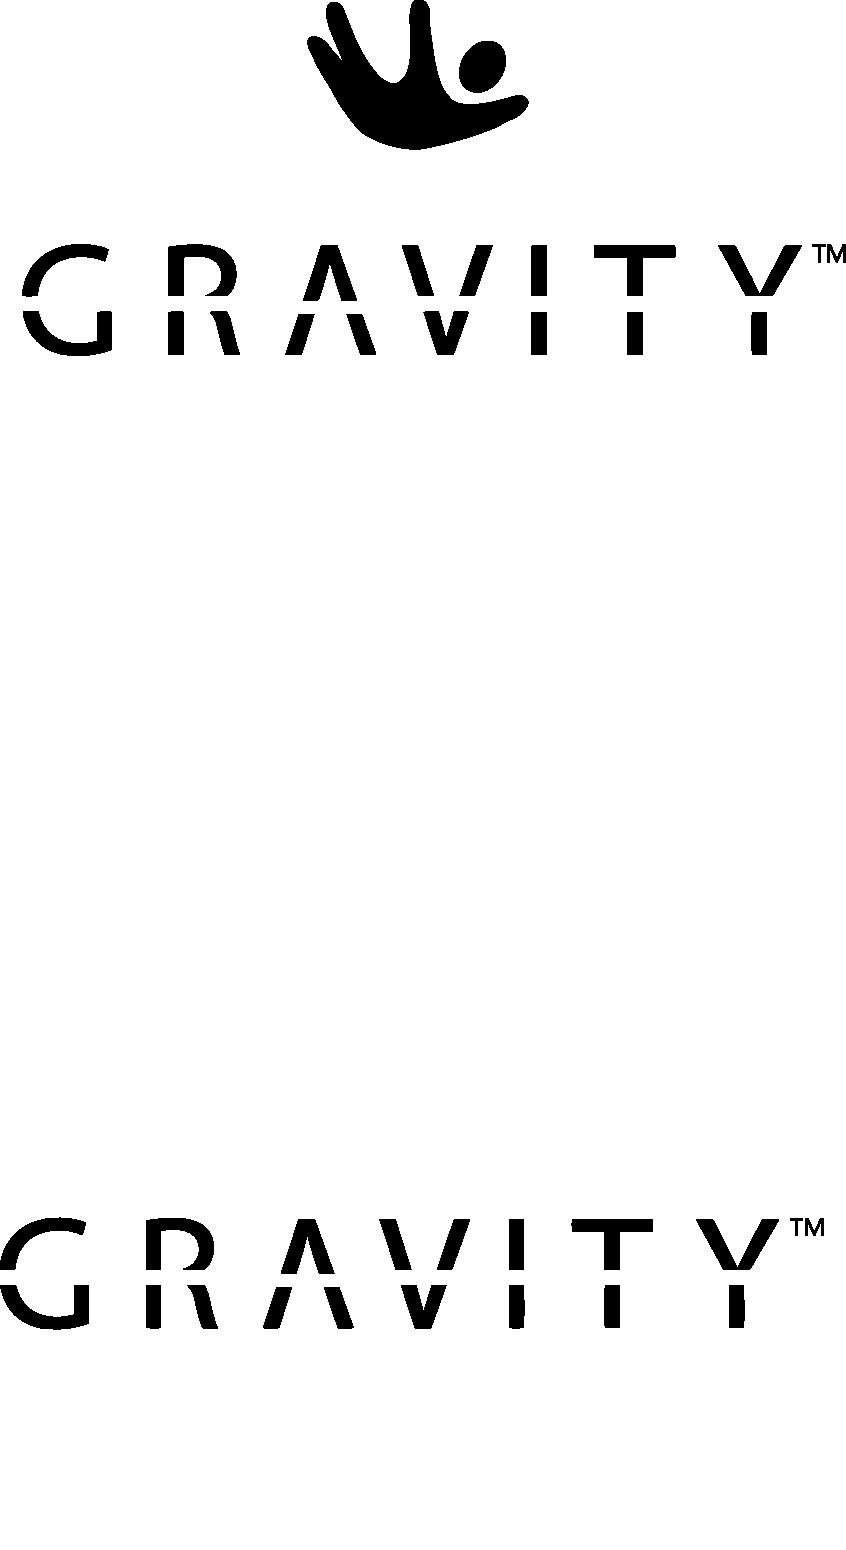 Gravity® Blanket logo z symbolem